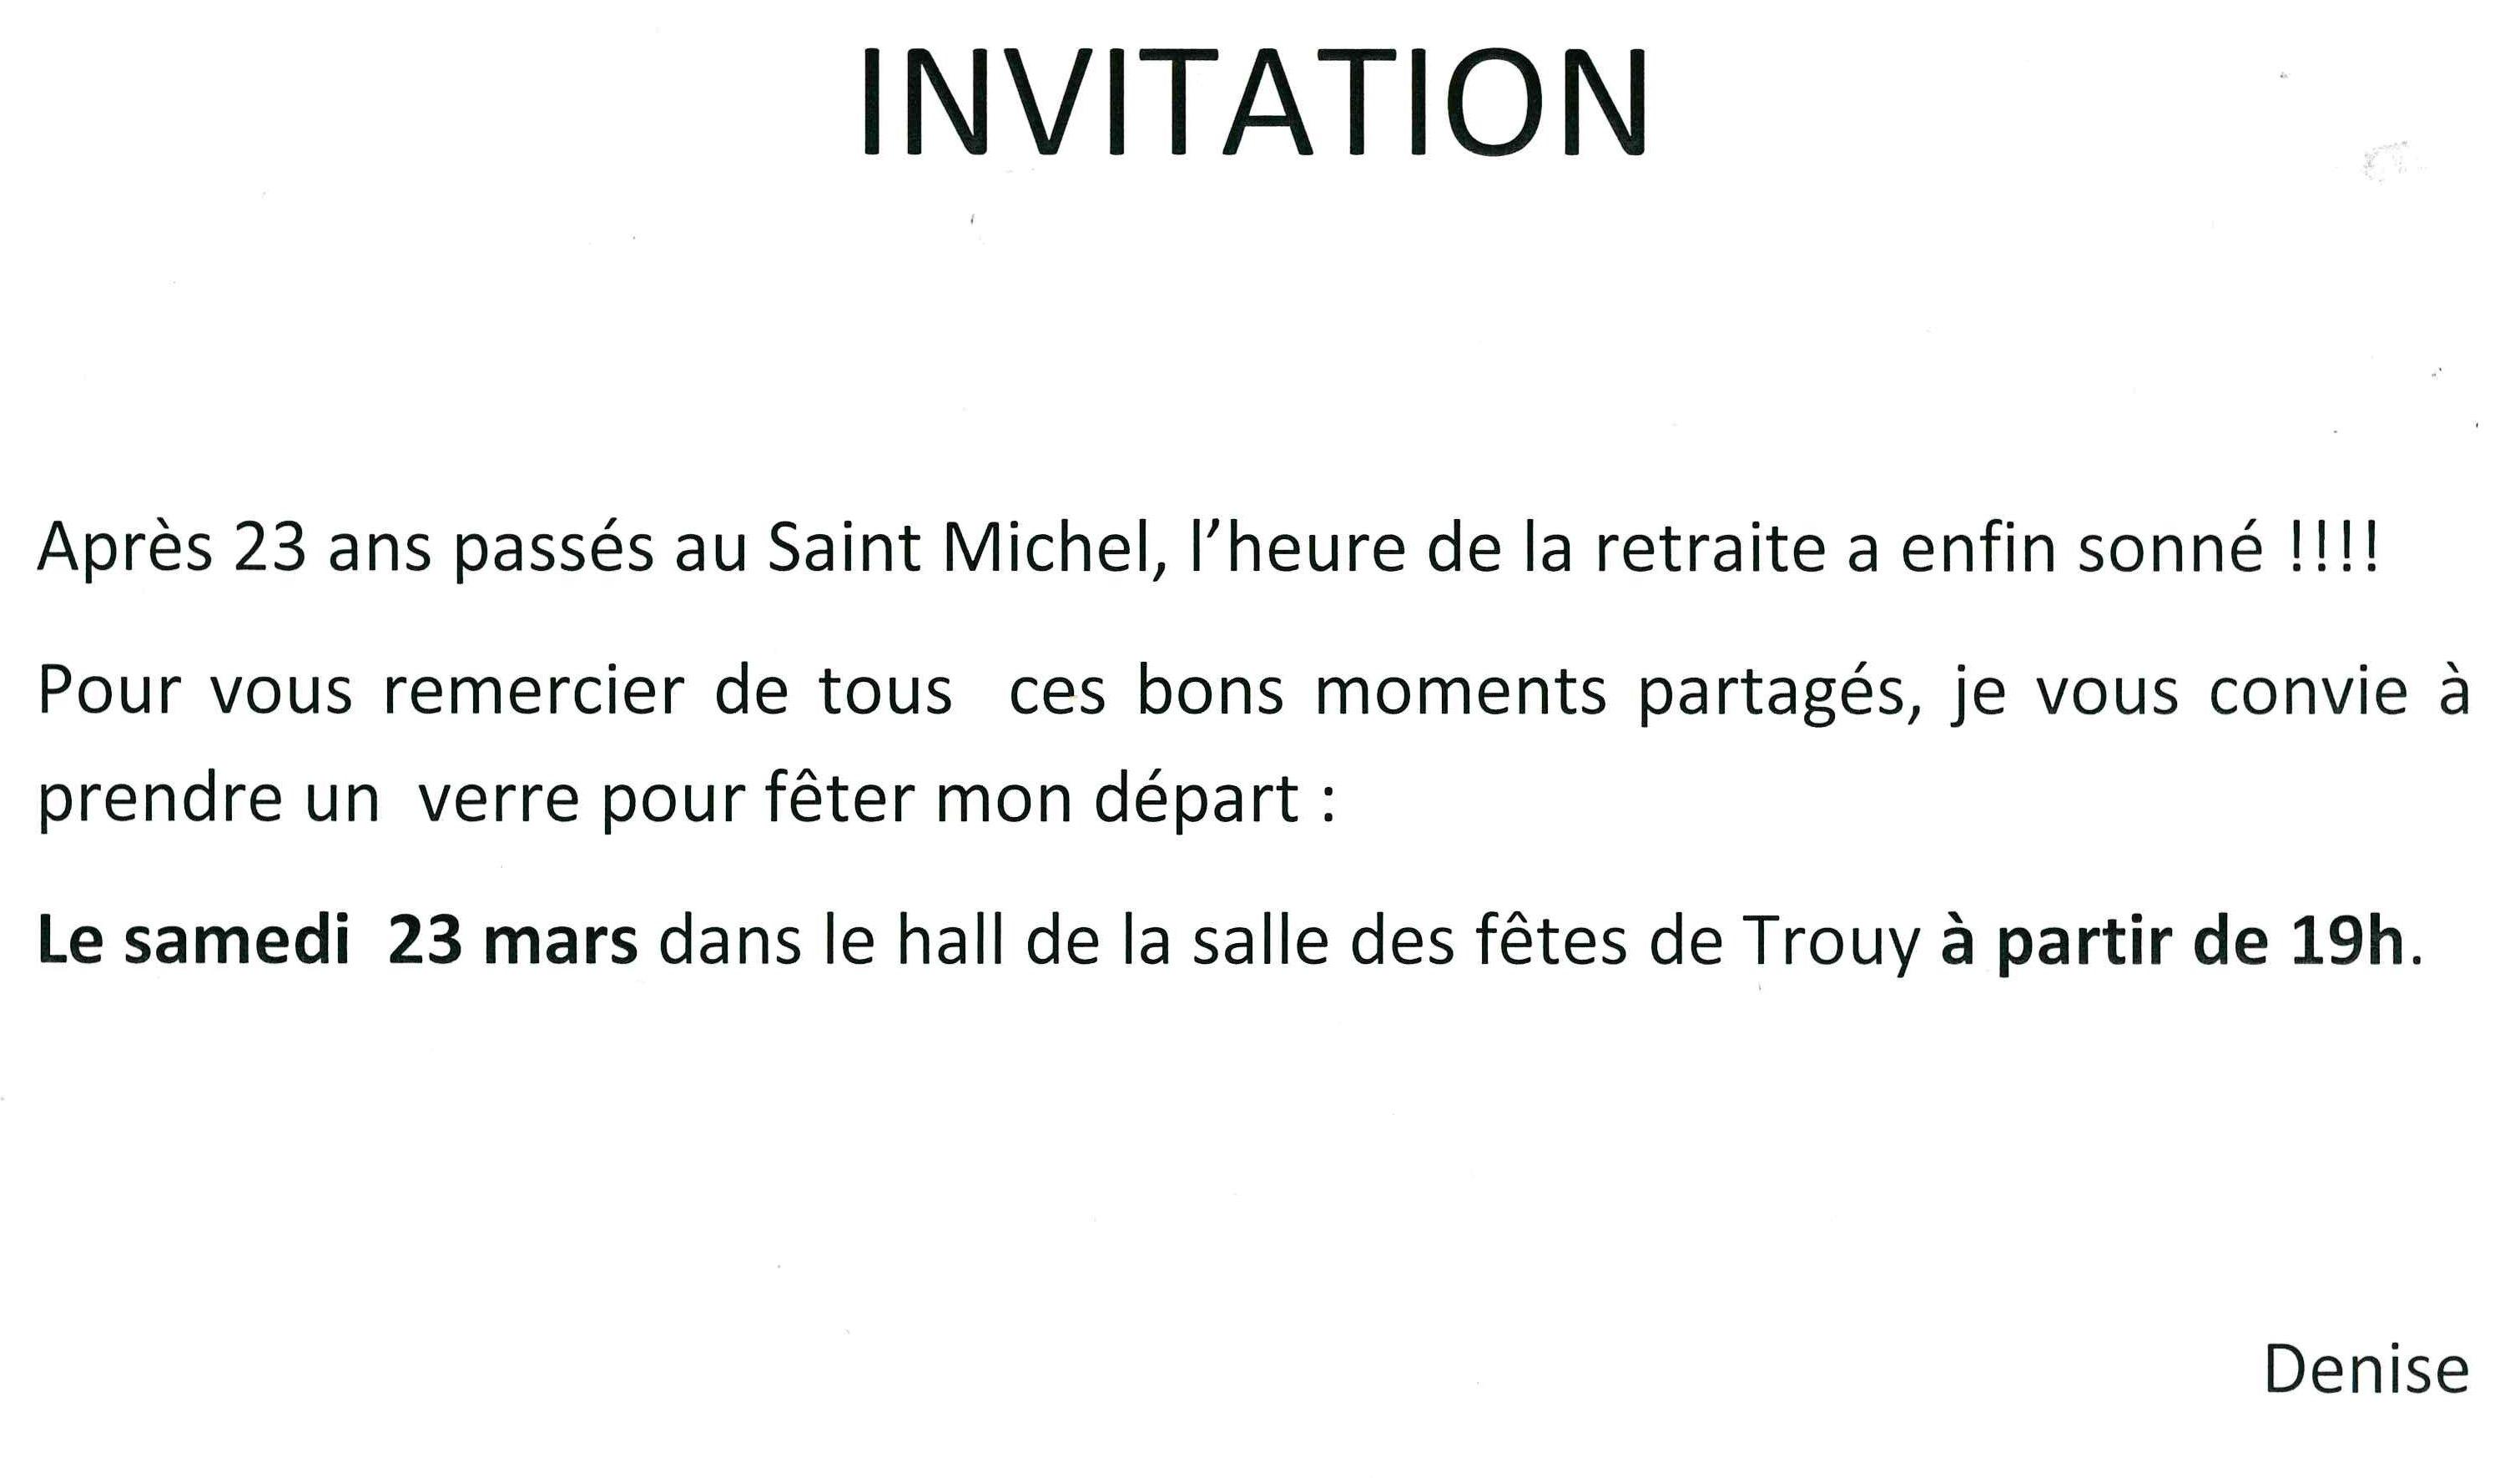 Retraite de Denise, café Saint Michel